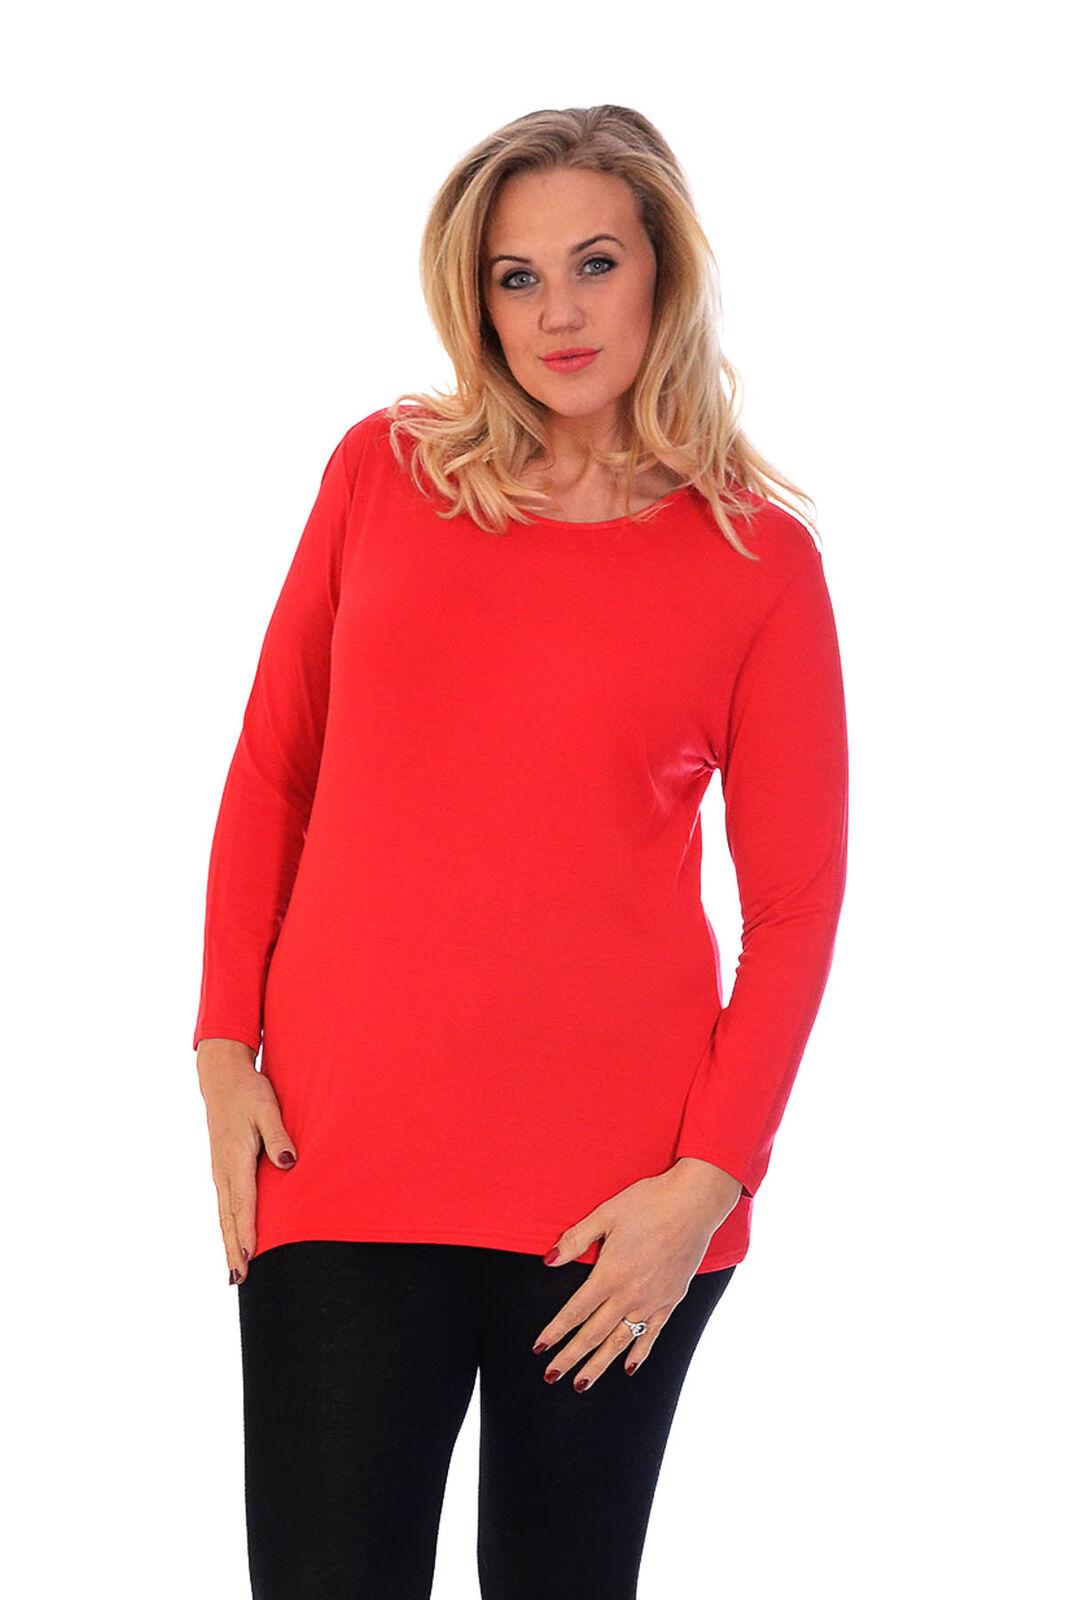 09afb2ea76cb2f Women Simple Plain Full Sleeve T-shirt Top Nouvelle Ladies Plus Size ...